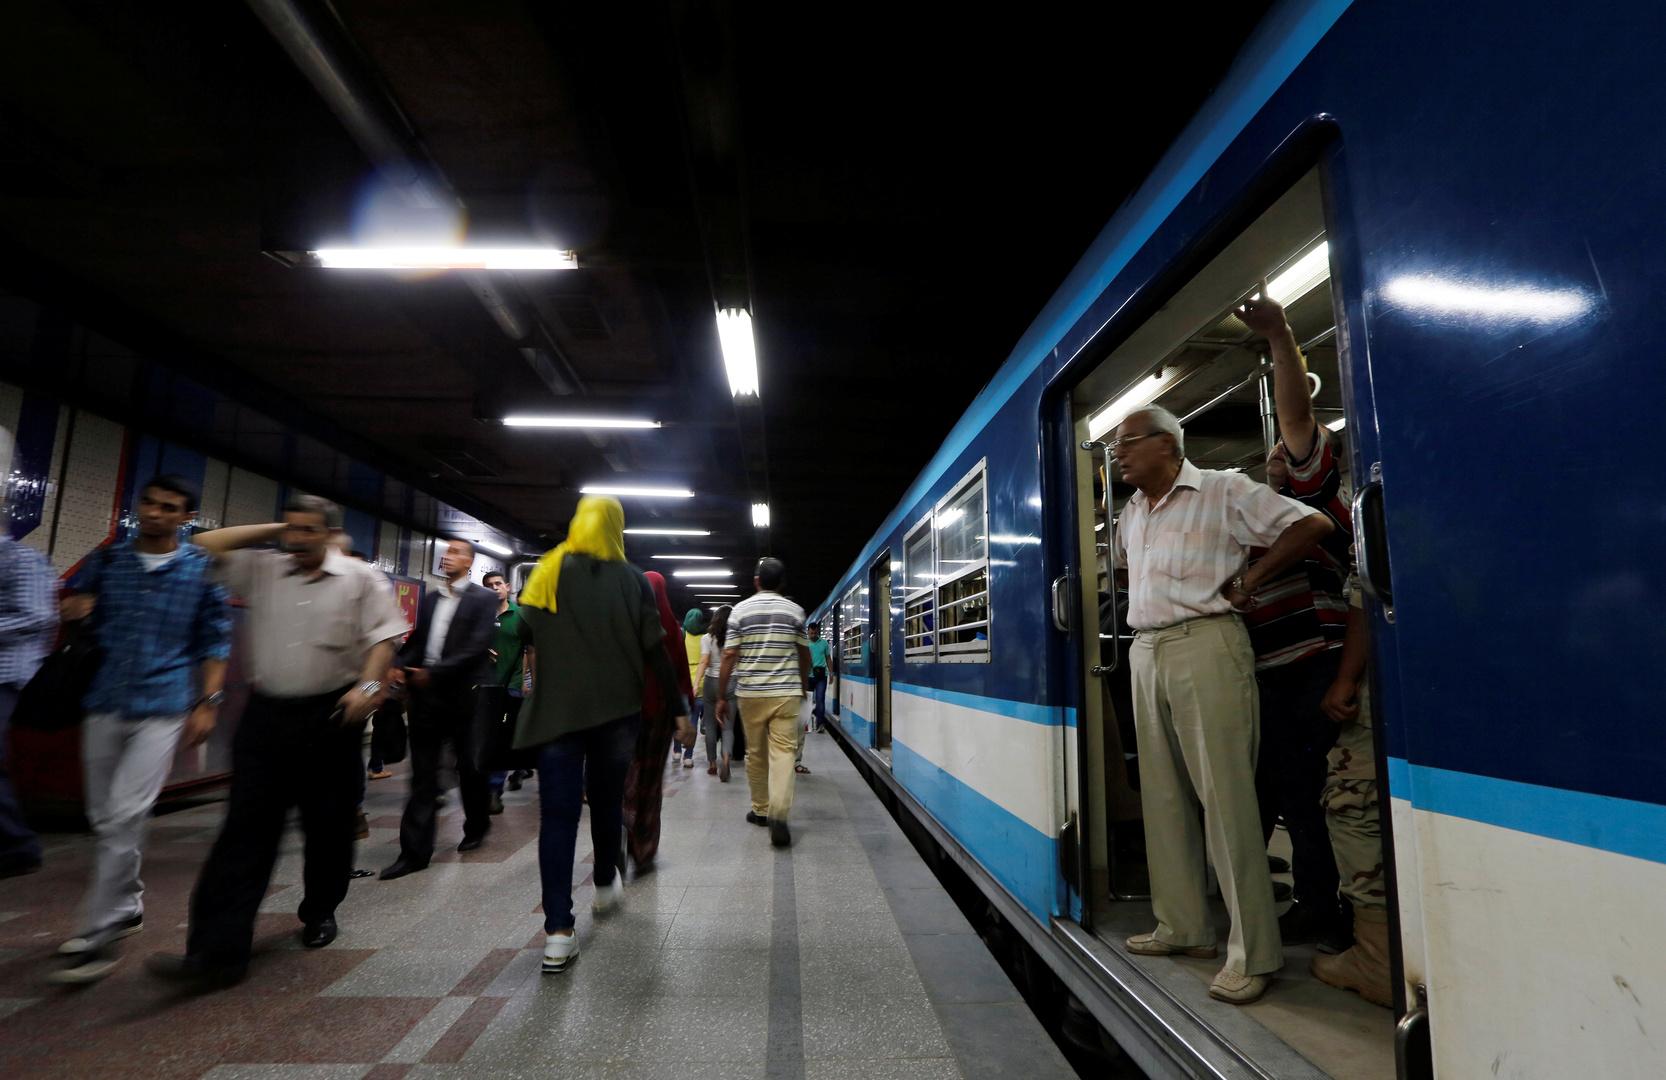 قطار سريع في العاصمة المصرية القاهرة